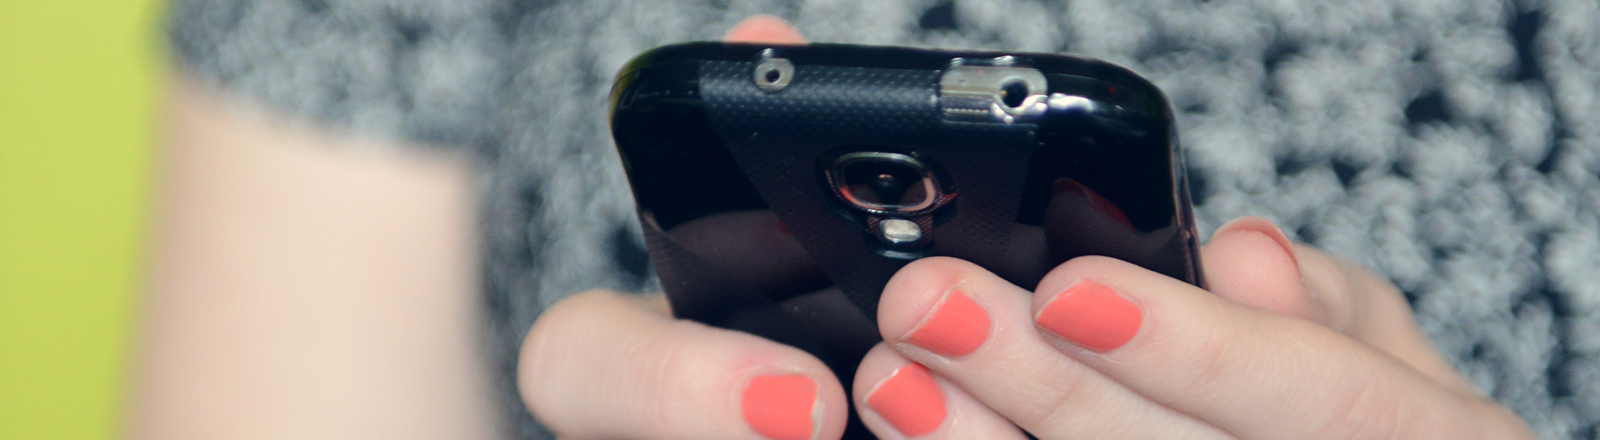 Hände mit lackierten Fingernägeln, die ein Smartphone halten